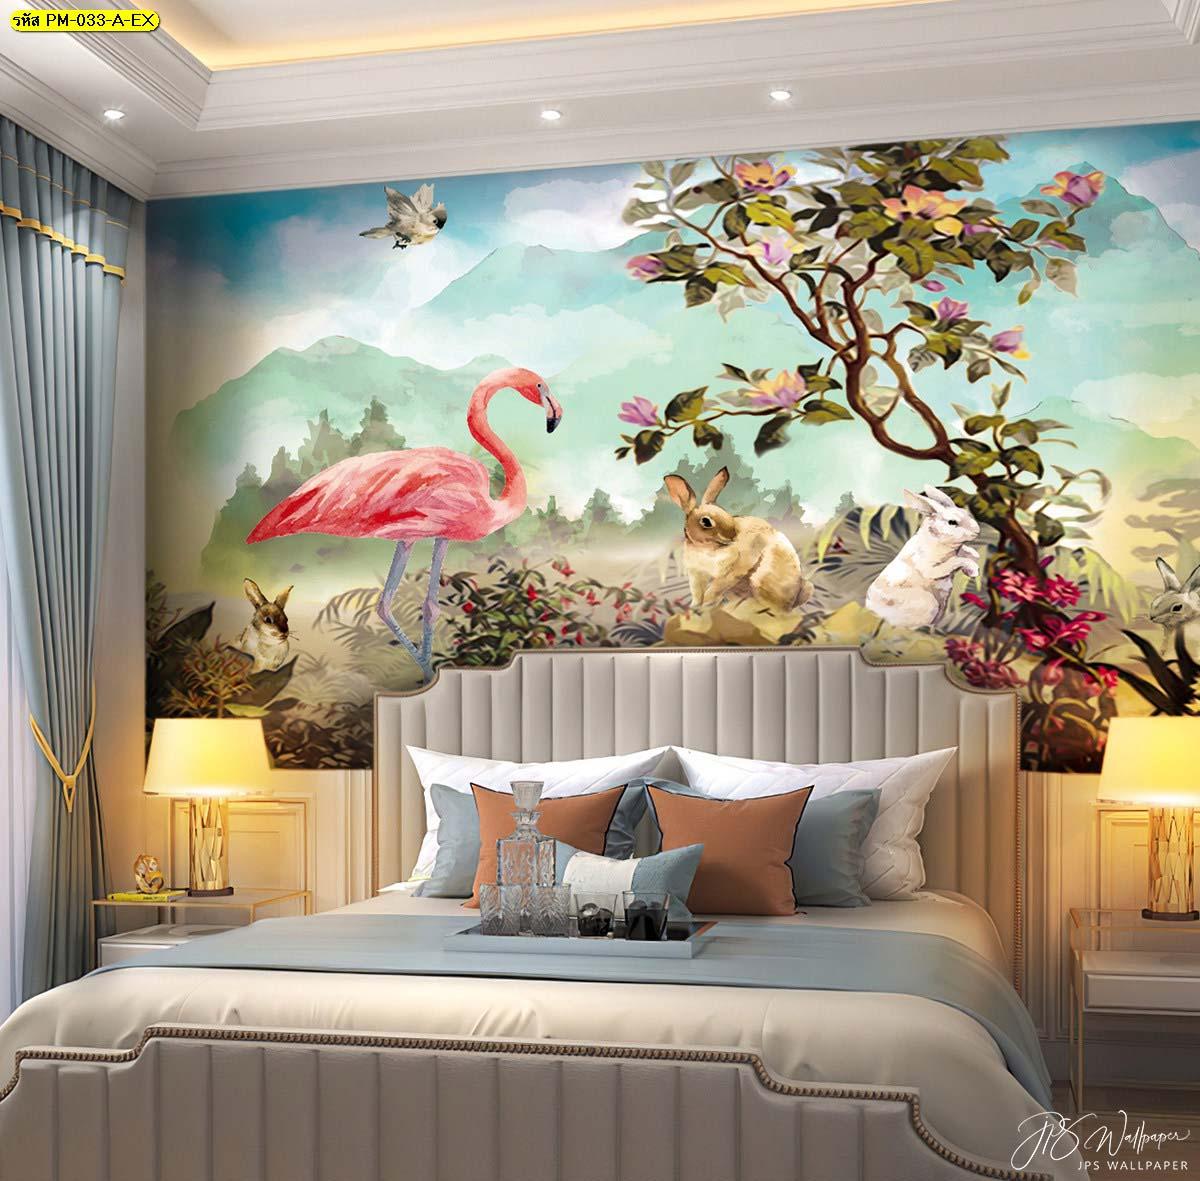 ผ่อนคลาย และให้ความสดใสในห้องนอนไปกับความธรรมชาติของสวนป่า